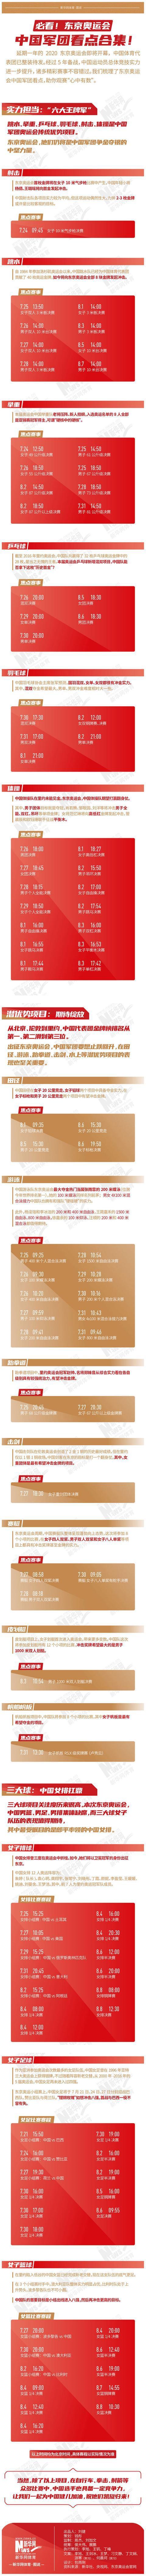 东京奥运会中国军团看点合集图(附赛事时间表)